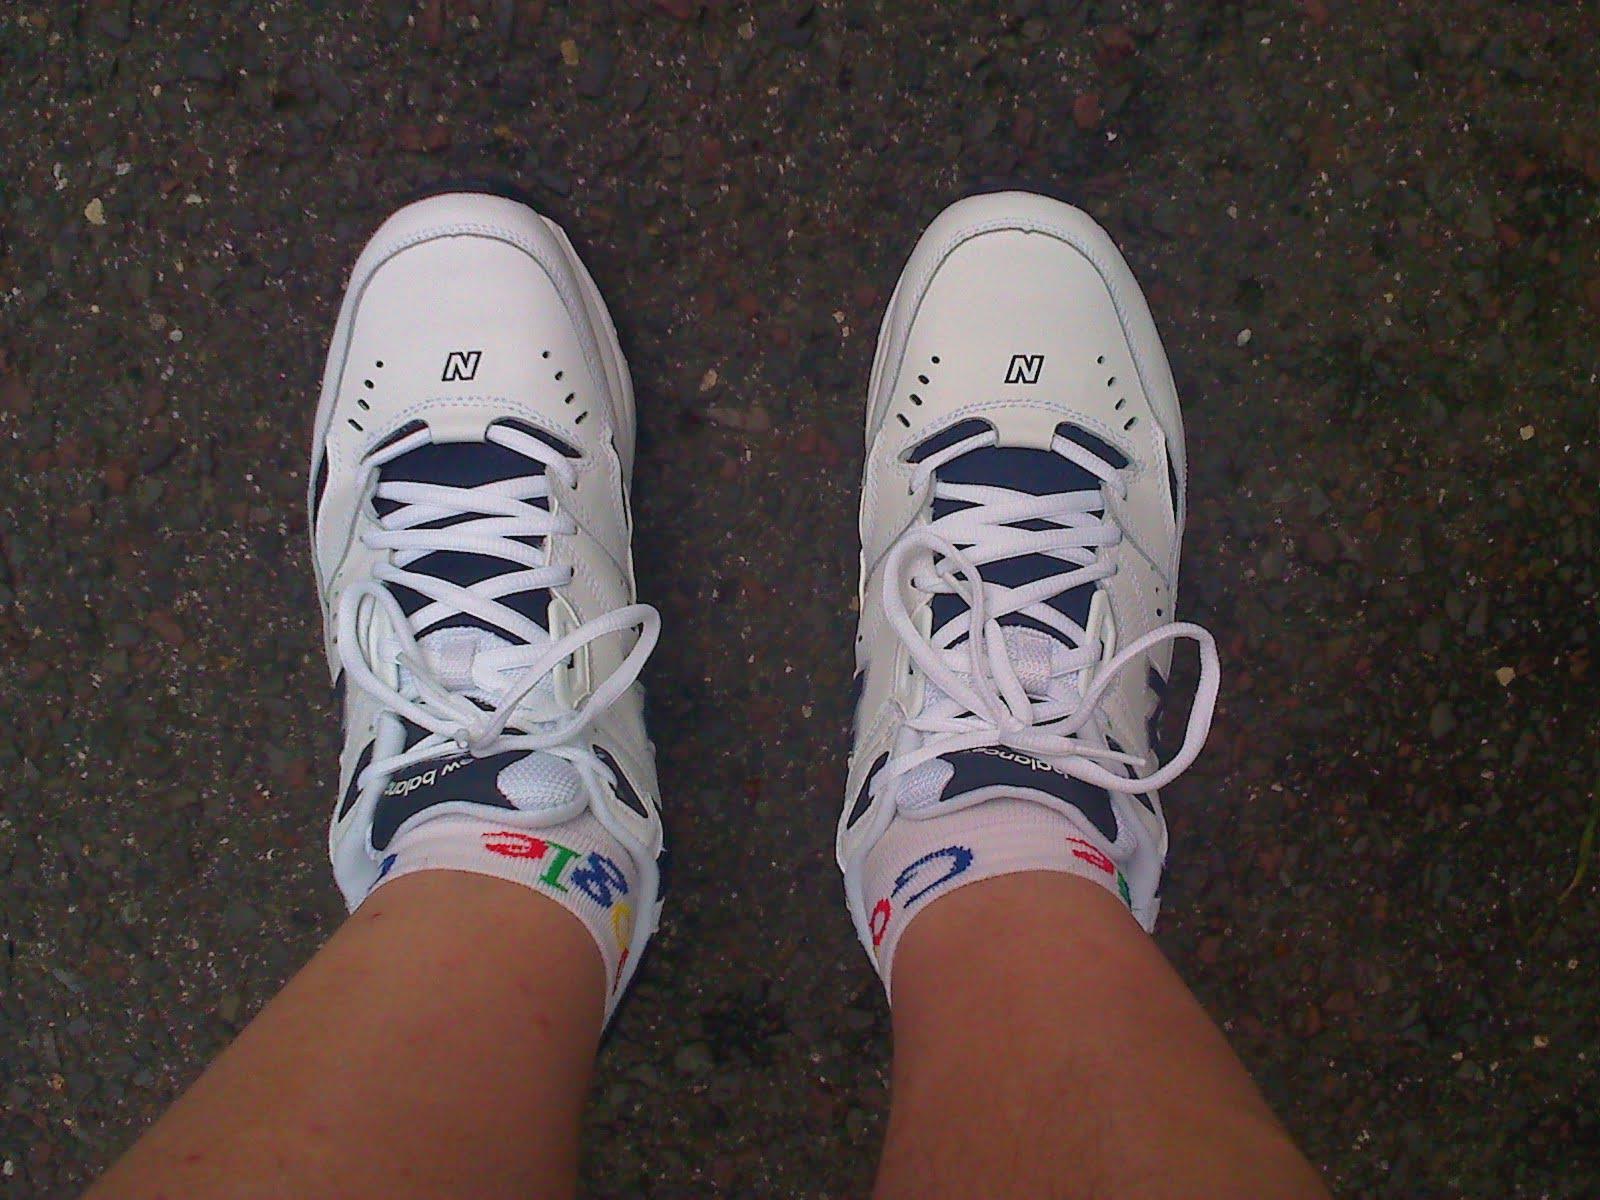 Wojewoda: Nakaz posiadania butów z białą podeszwą niezgodny z Konstytucją